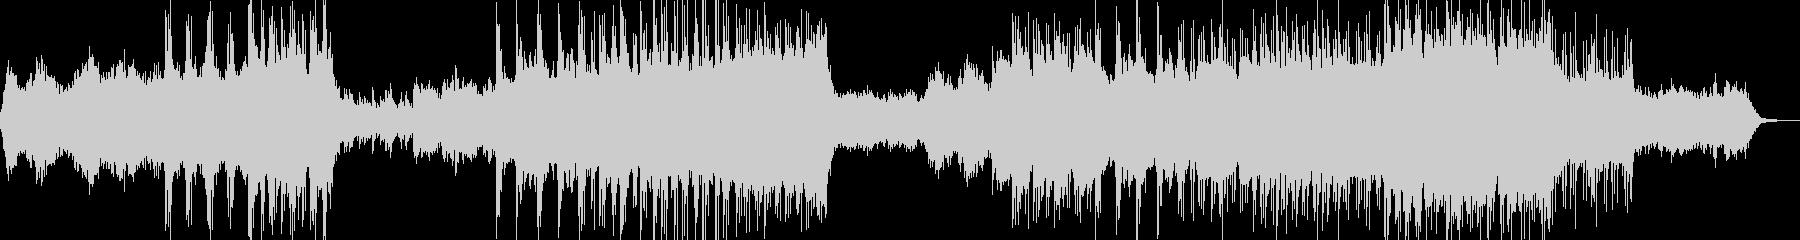 森の洋館・ミステリアスな雰囲気・ドラム有の未再生の波形